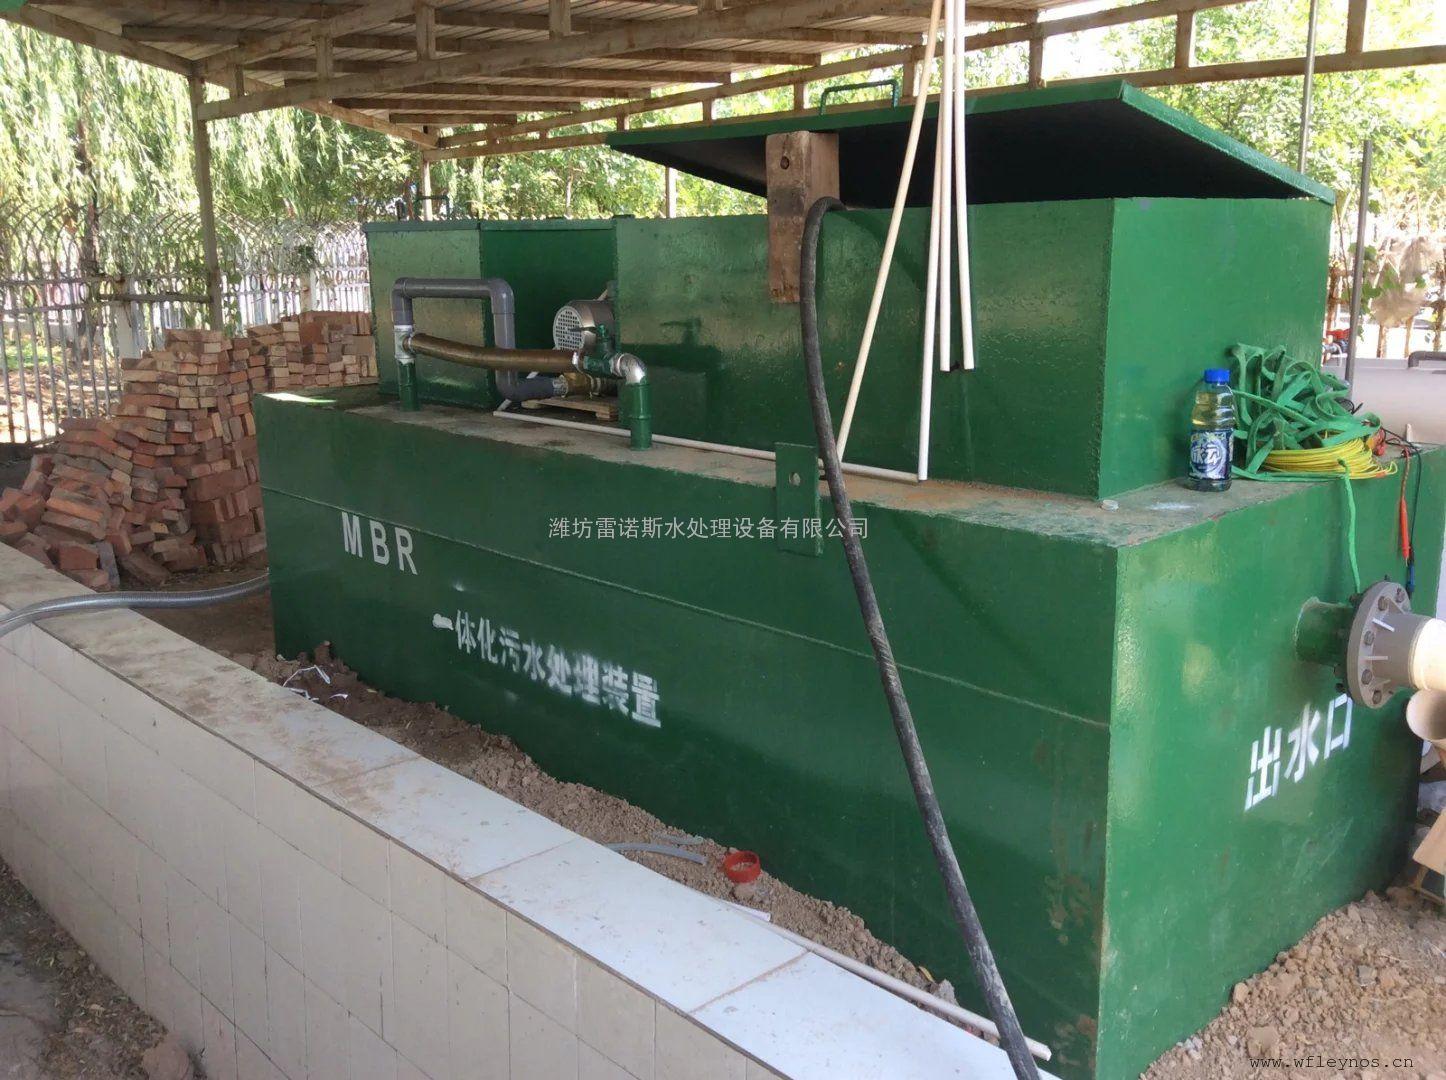 阳江MBR一体化中水回用设备生产厂家